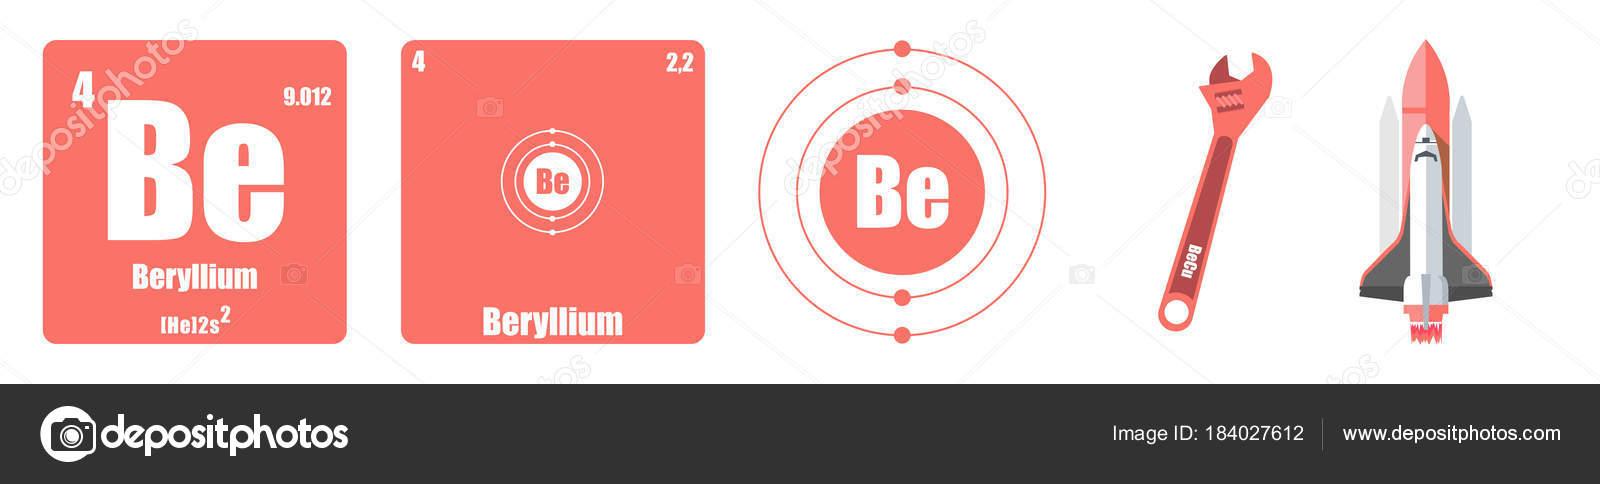 Tabla periodica de los elementos del grupo ii los metales de tierra tabla periodica de los elementos del grupo ii los metales de tierra alcalina archivo imgenes urtaz Choice Image